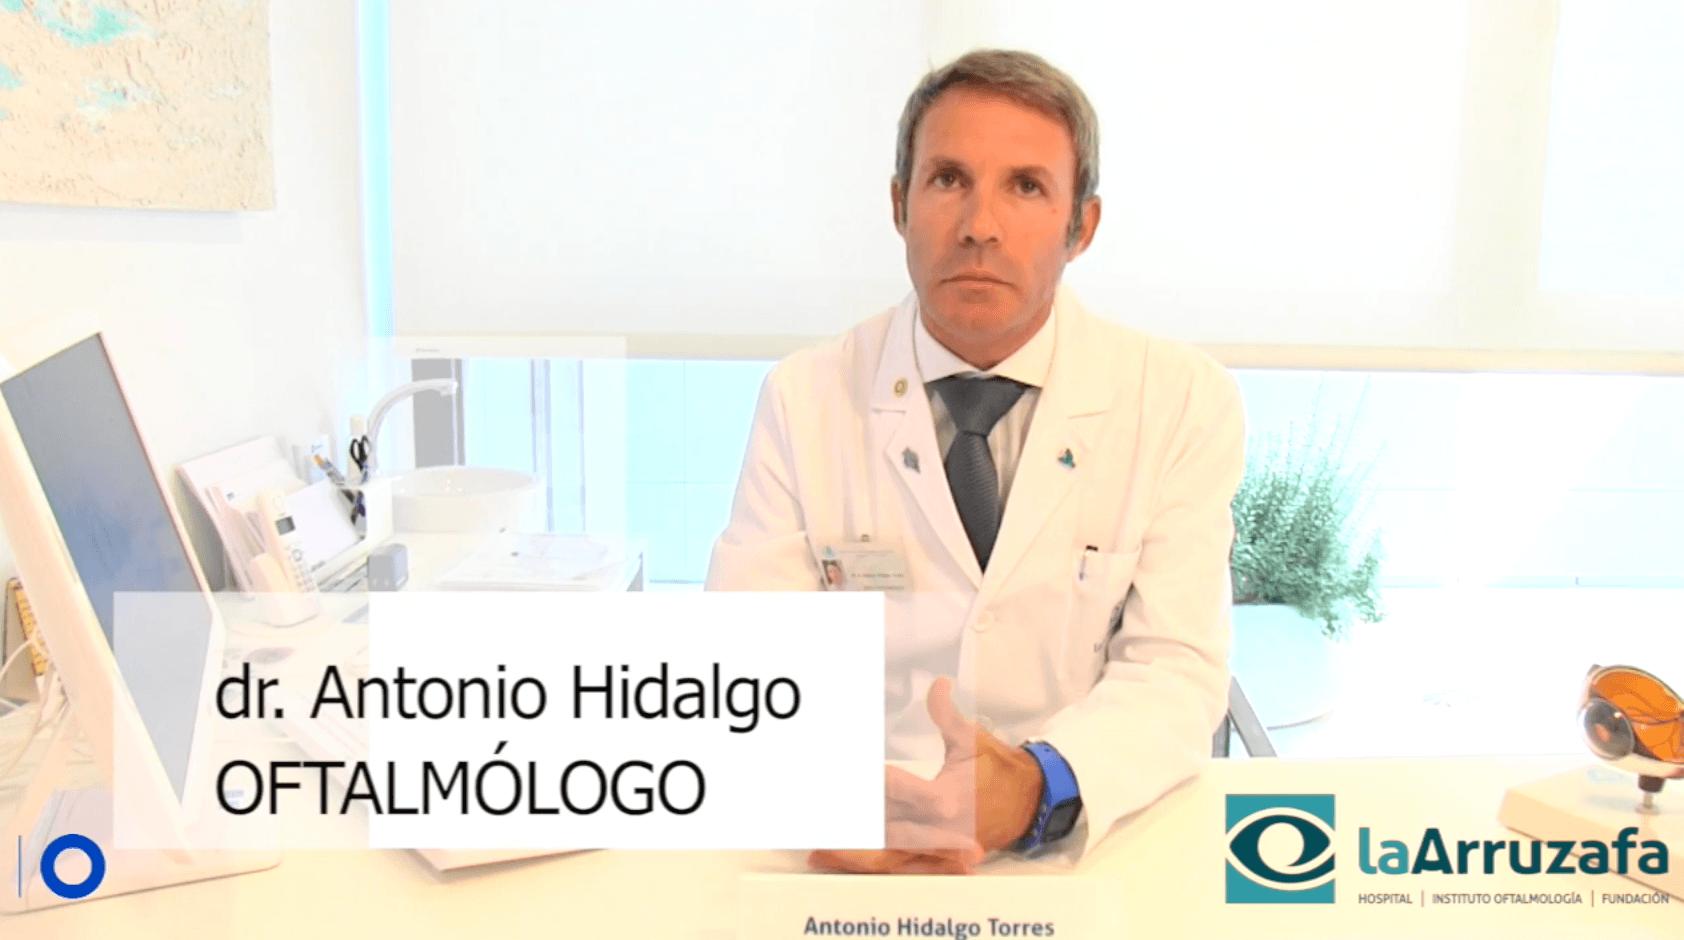 Dr. Antonio Hidalgo, oftalmólogo del Hospital La Arruzafa